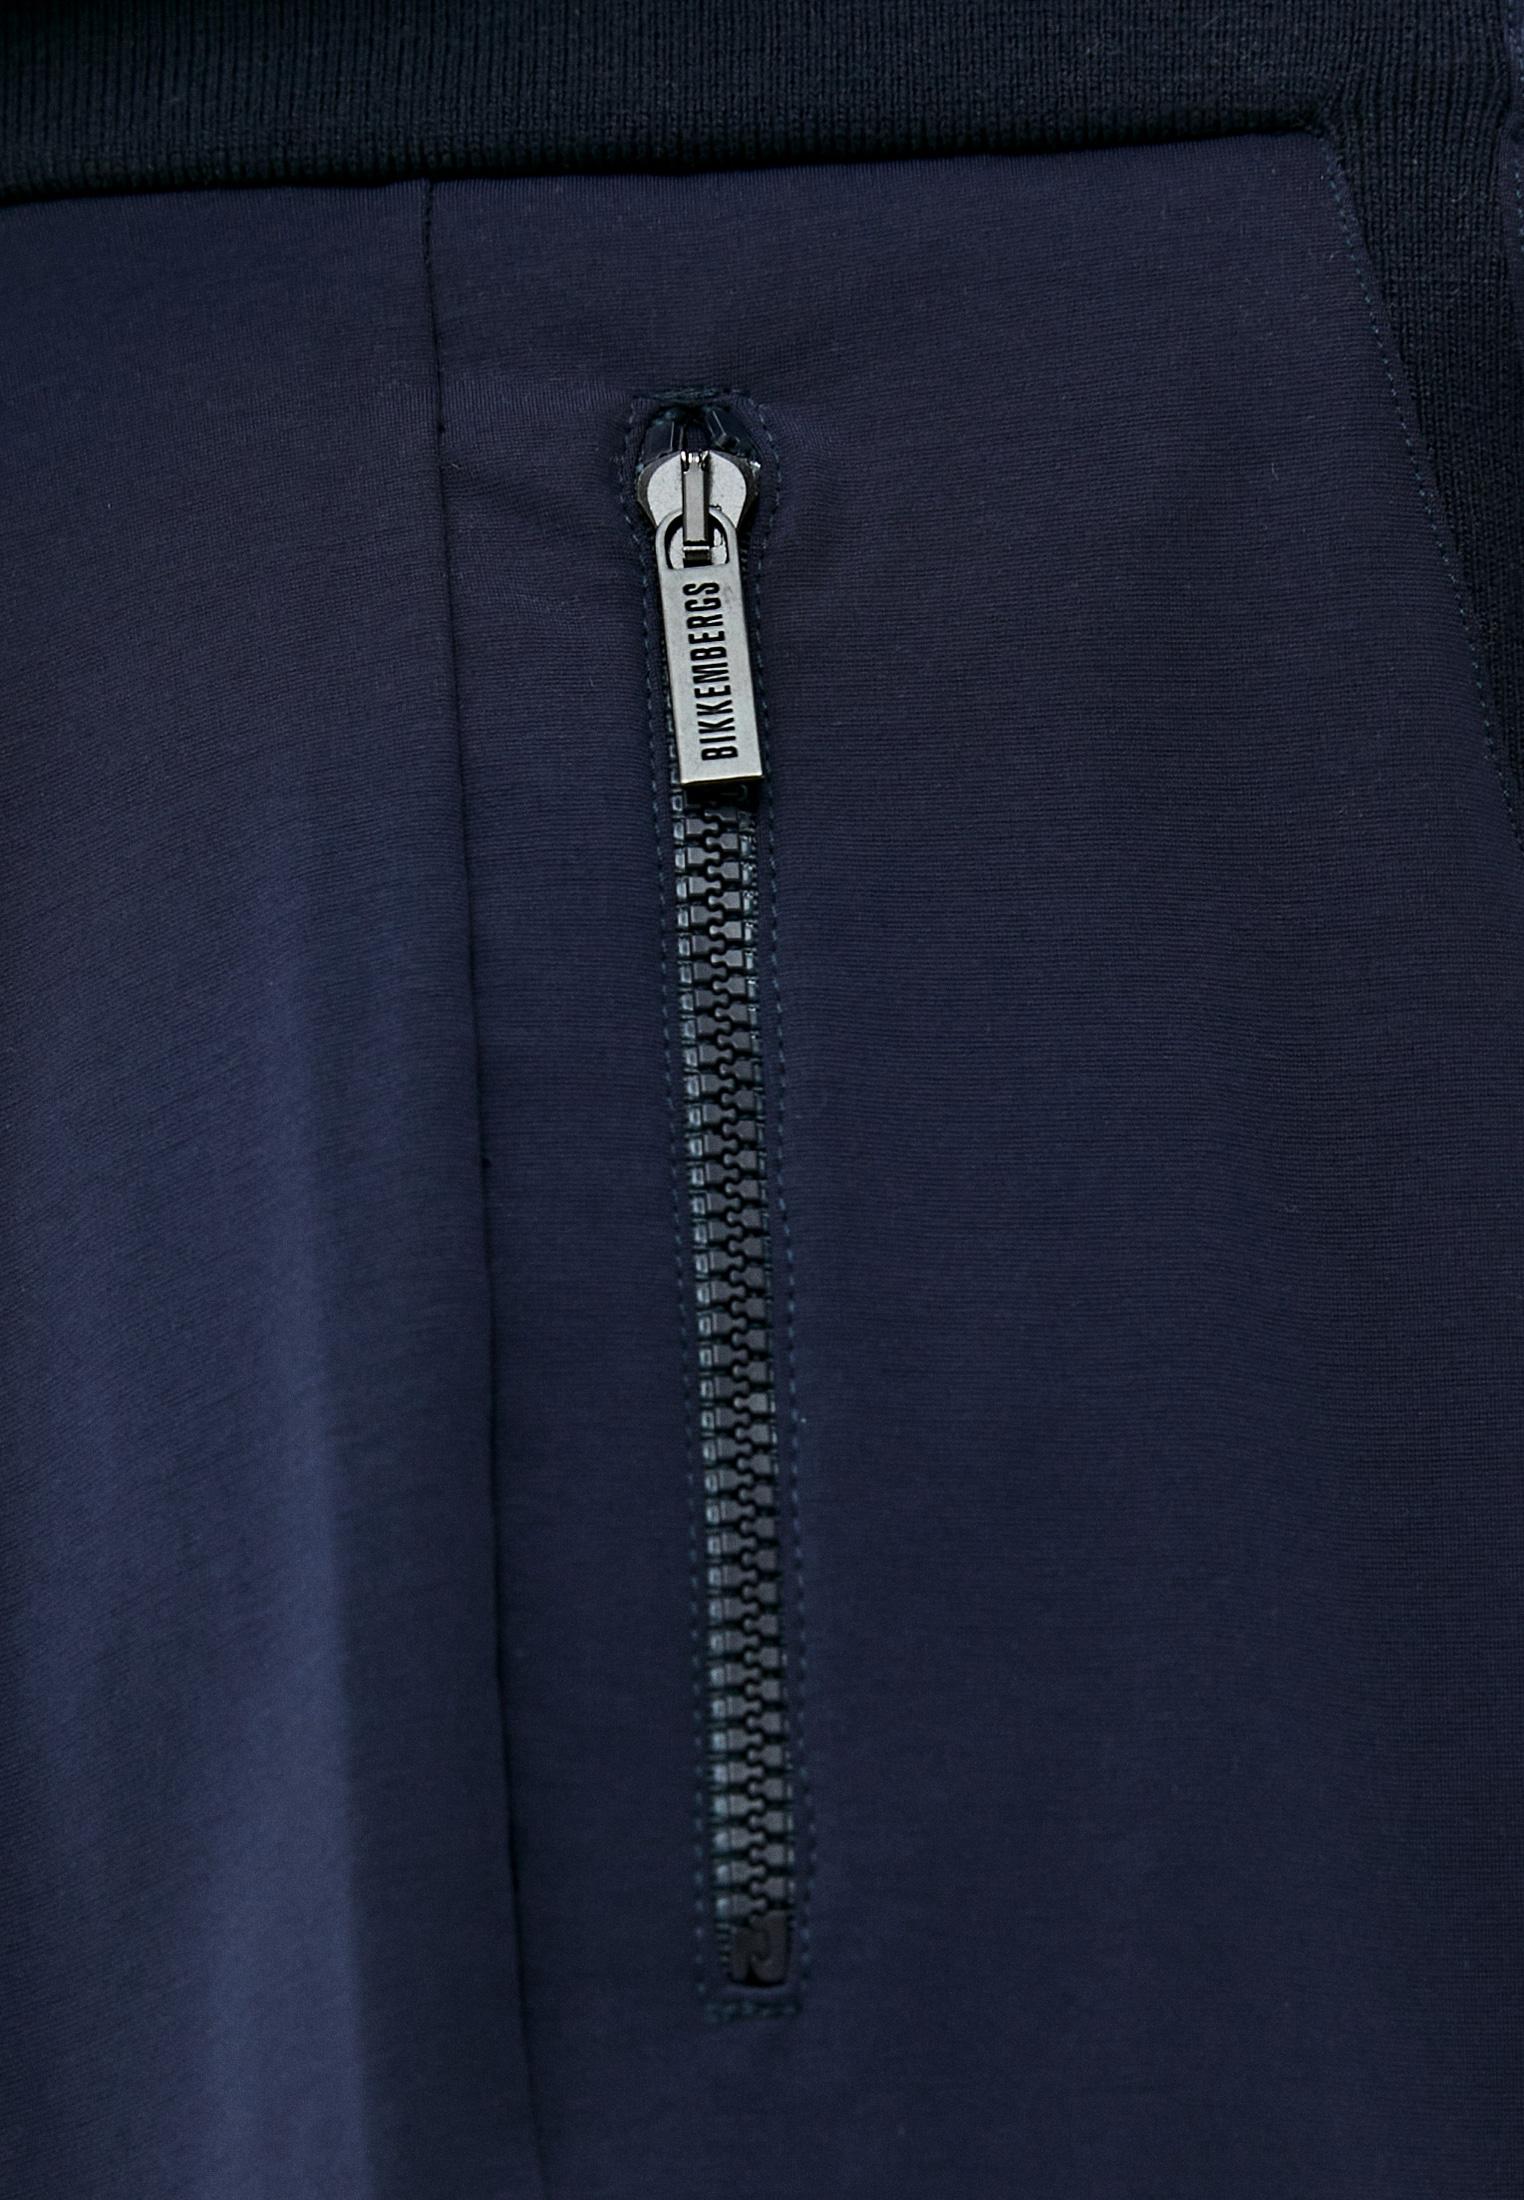 Мужские повседневные брюки Bikkembergs (Биккембергс) C 1 142 00 e 2031: изображение 5